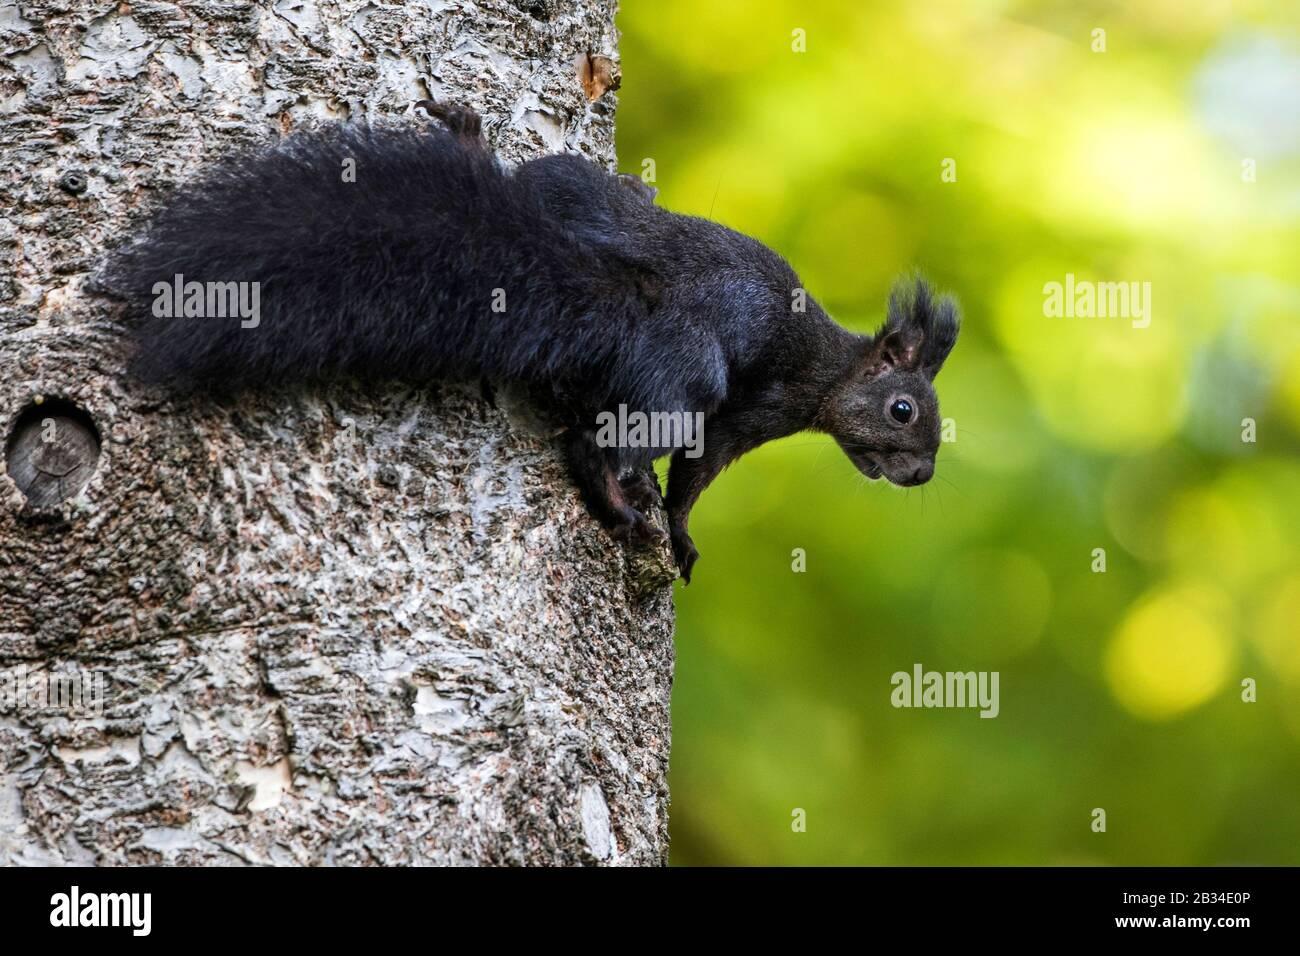 Europäisches Rothörnchen, Eurasisches Rothörnchen (Sciurus vulgaris), schwarze Sorte an einem Baumstamm, Deutschland, Baden-Württemberg Stockfoto